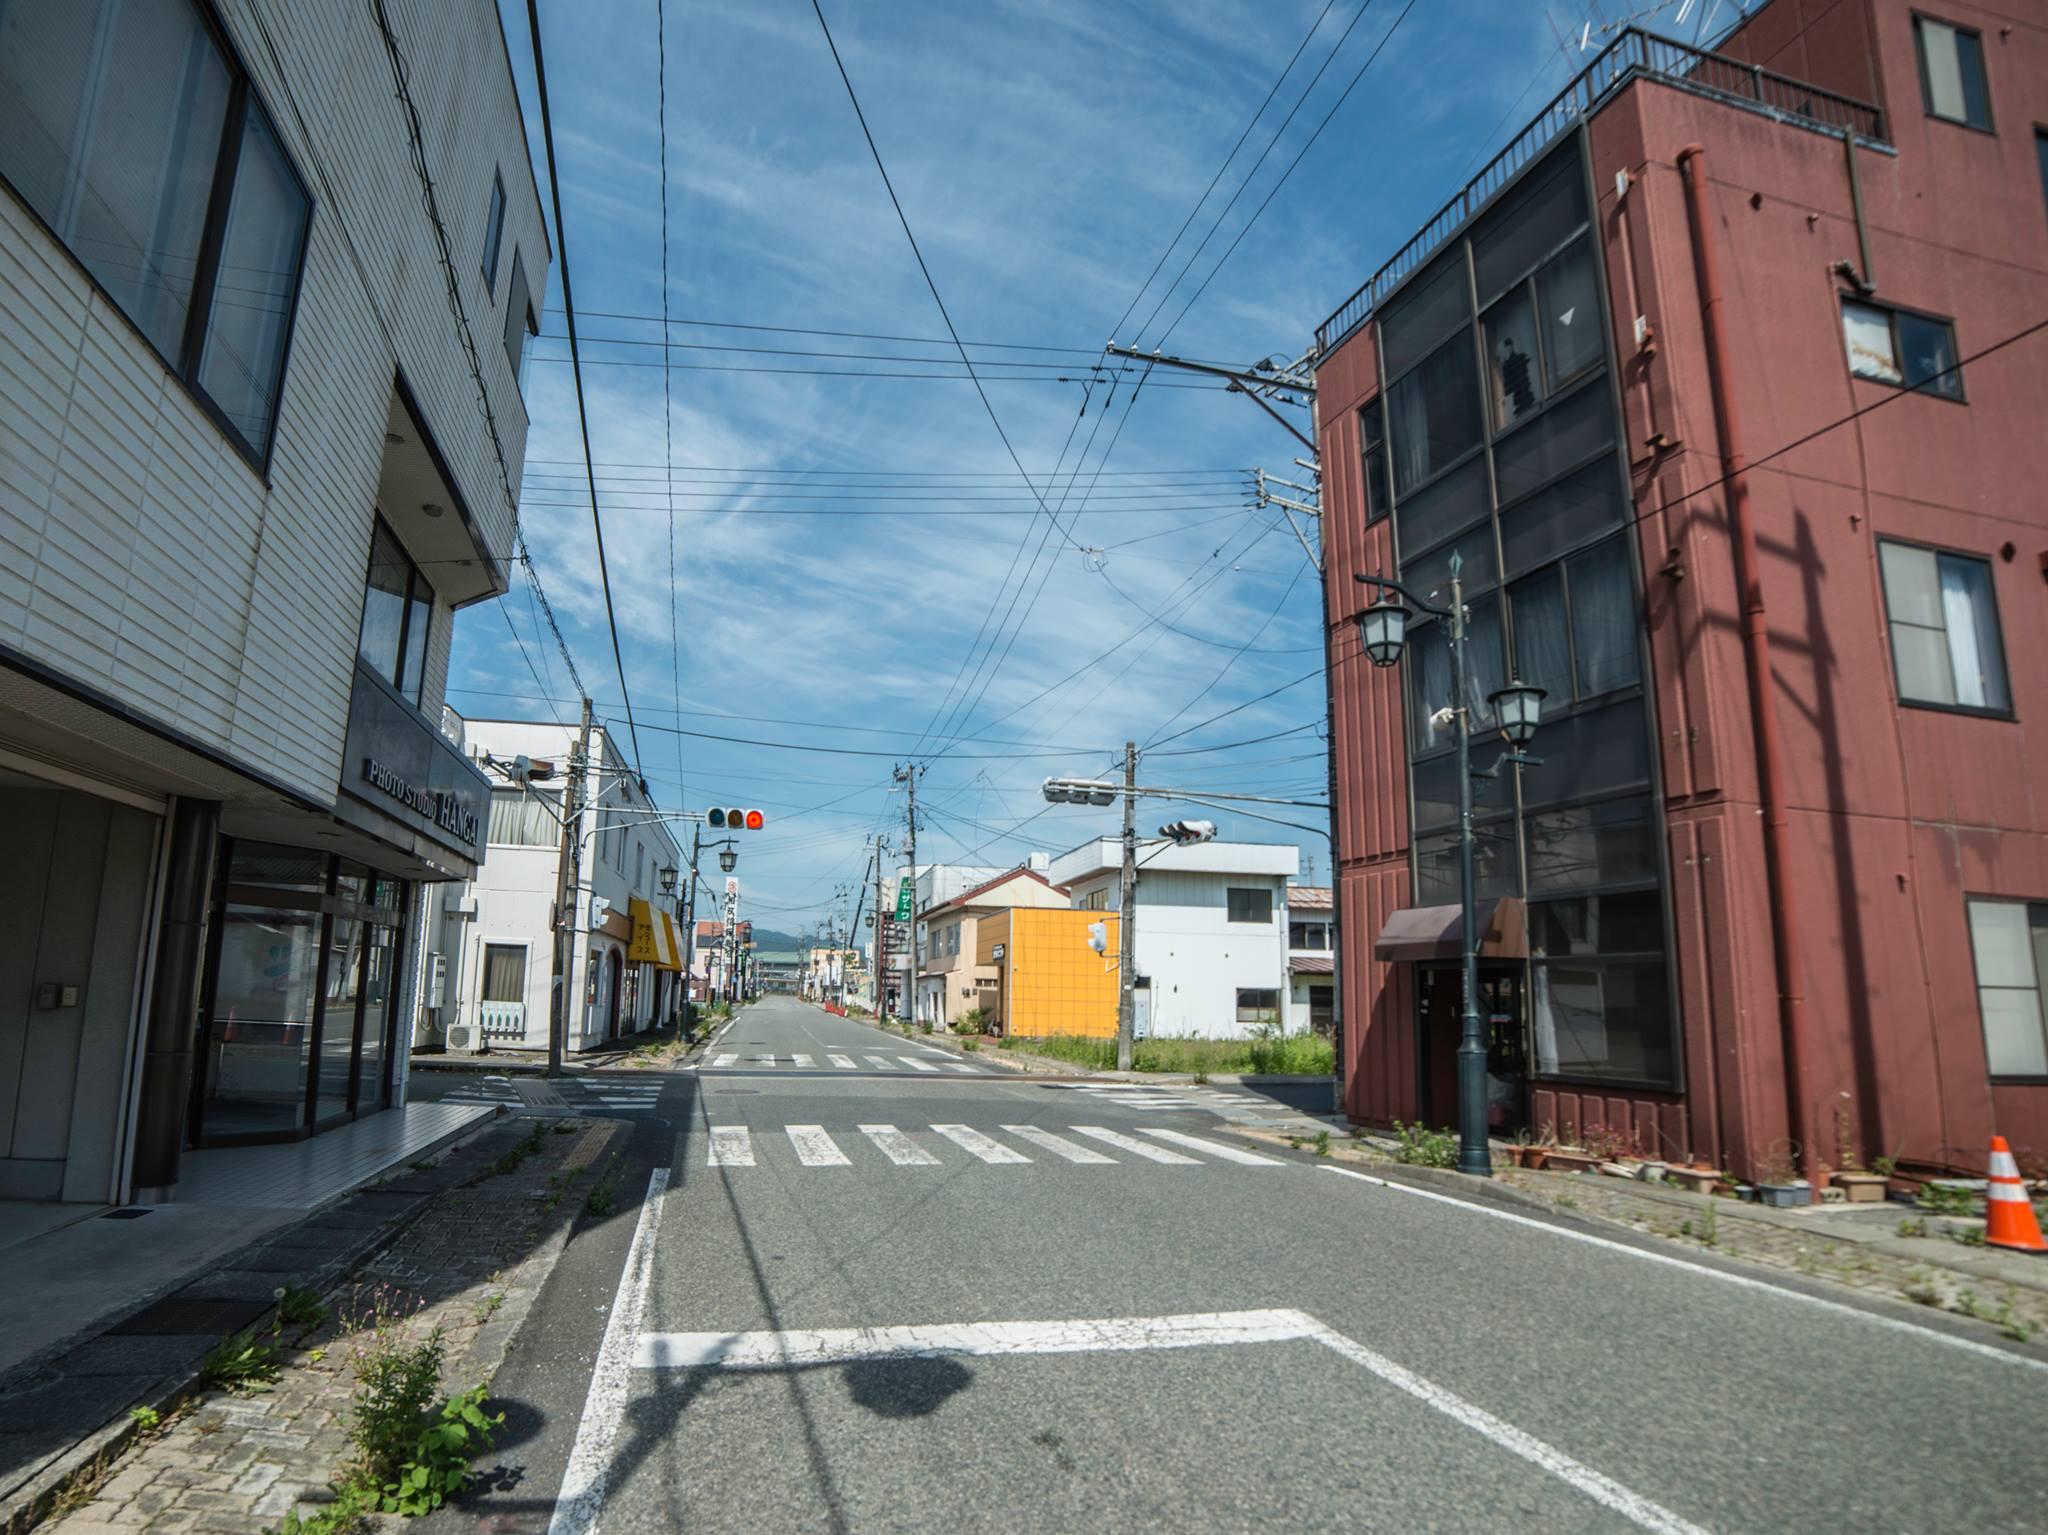 como es fukushima 5 años después del desastre 25